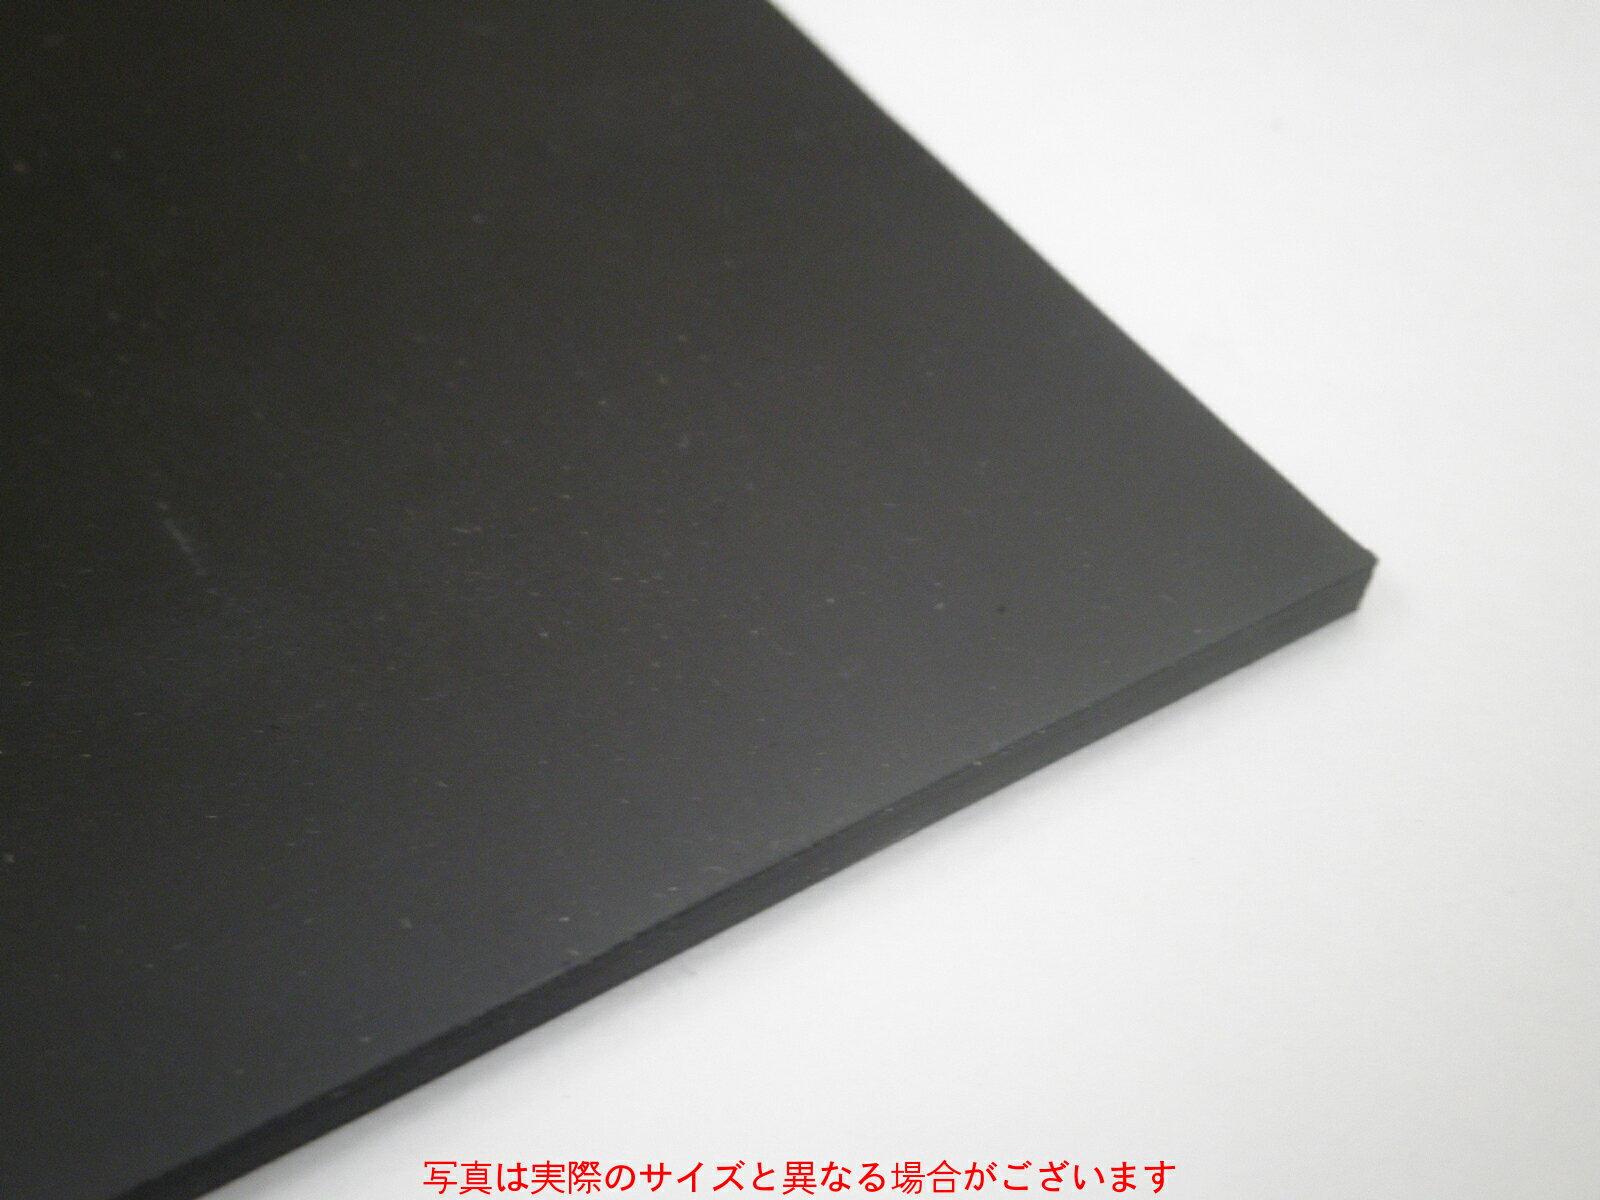 【ワケあり/処分品特価】合成ゴムシート厚さ2.4mm×943mm×1836mm(寸法は若干のバラツキあり)10枚セット